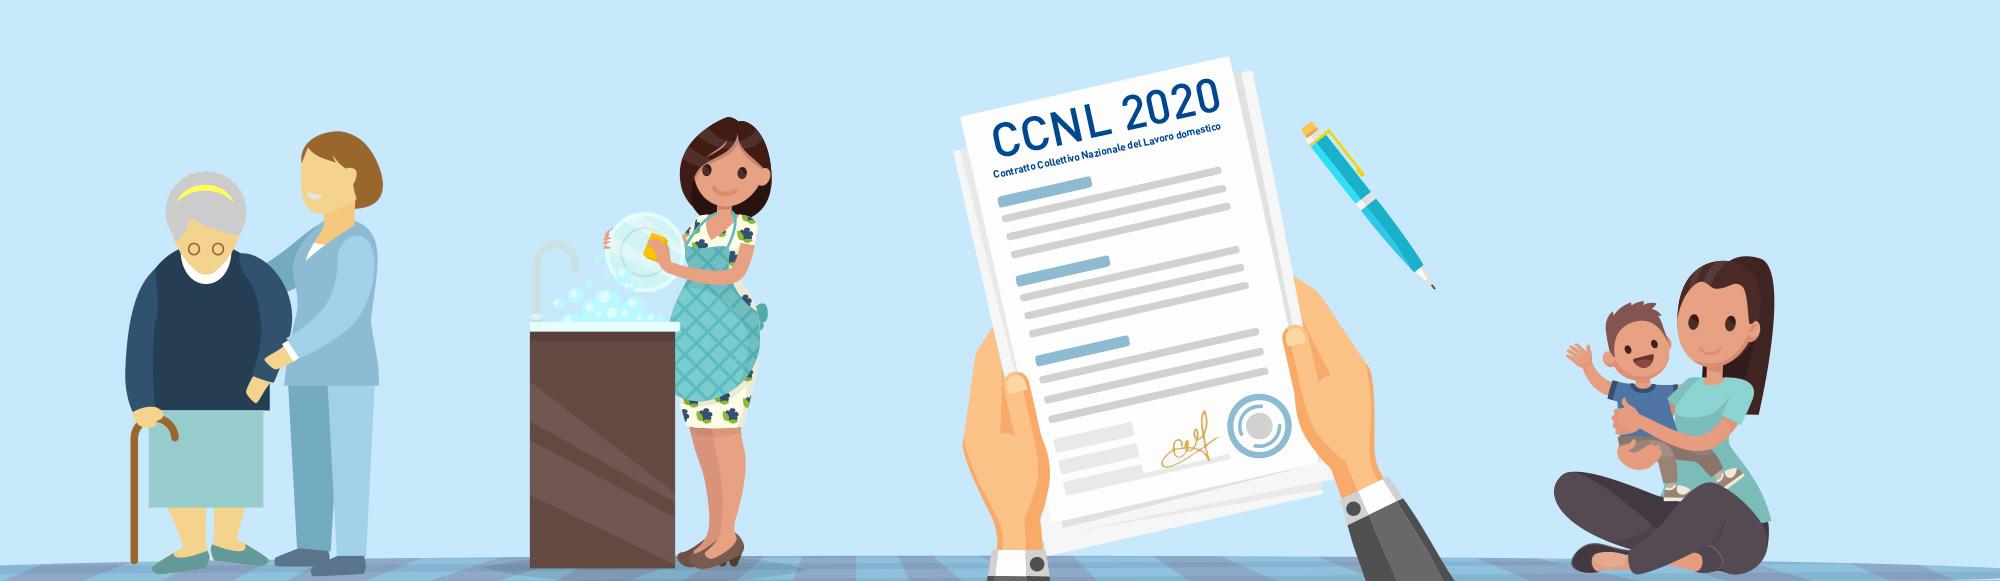 Accordo siglato del nuovo CCNL